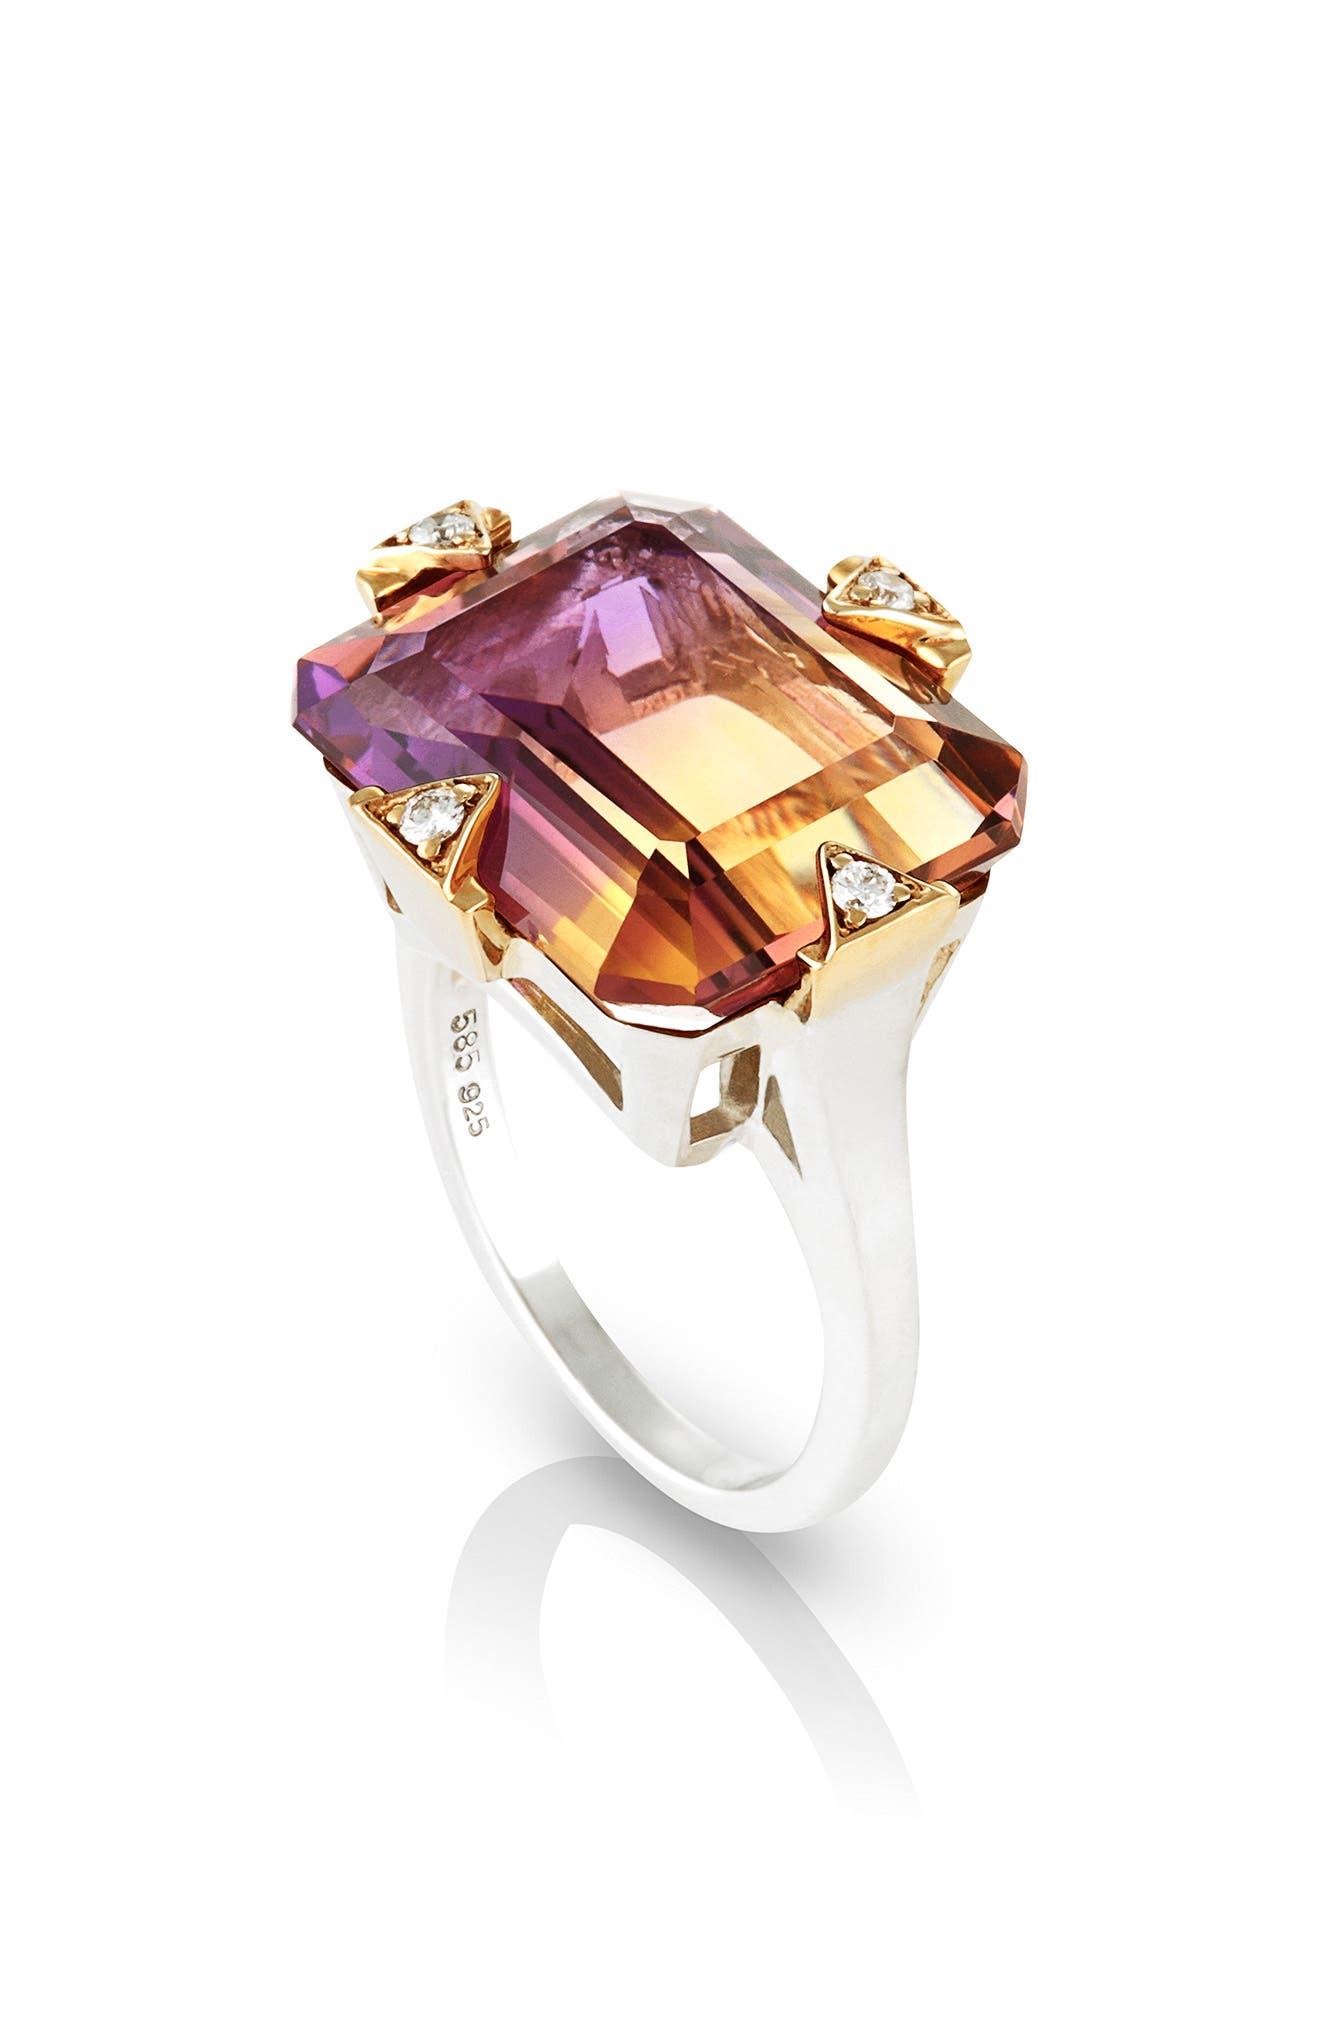 MANIAMANIA Cocktail Ring with Diamonds